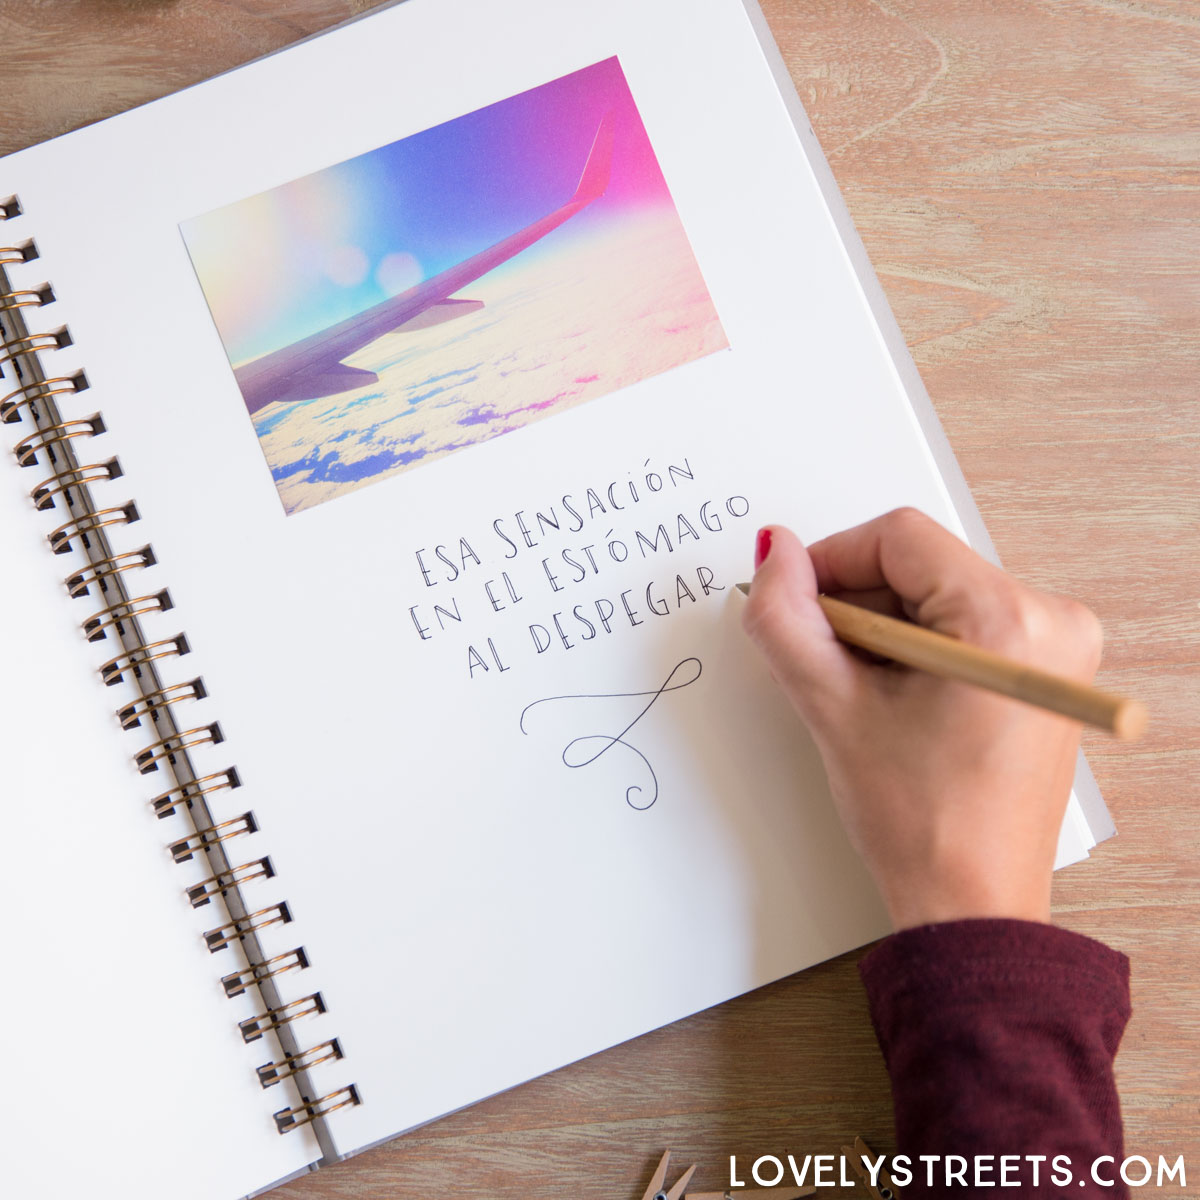 lovelystreets_8435439301282_album-aventuras-52